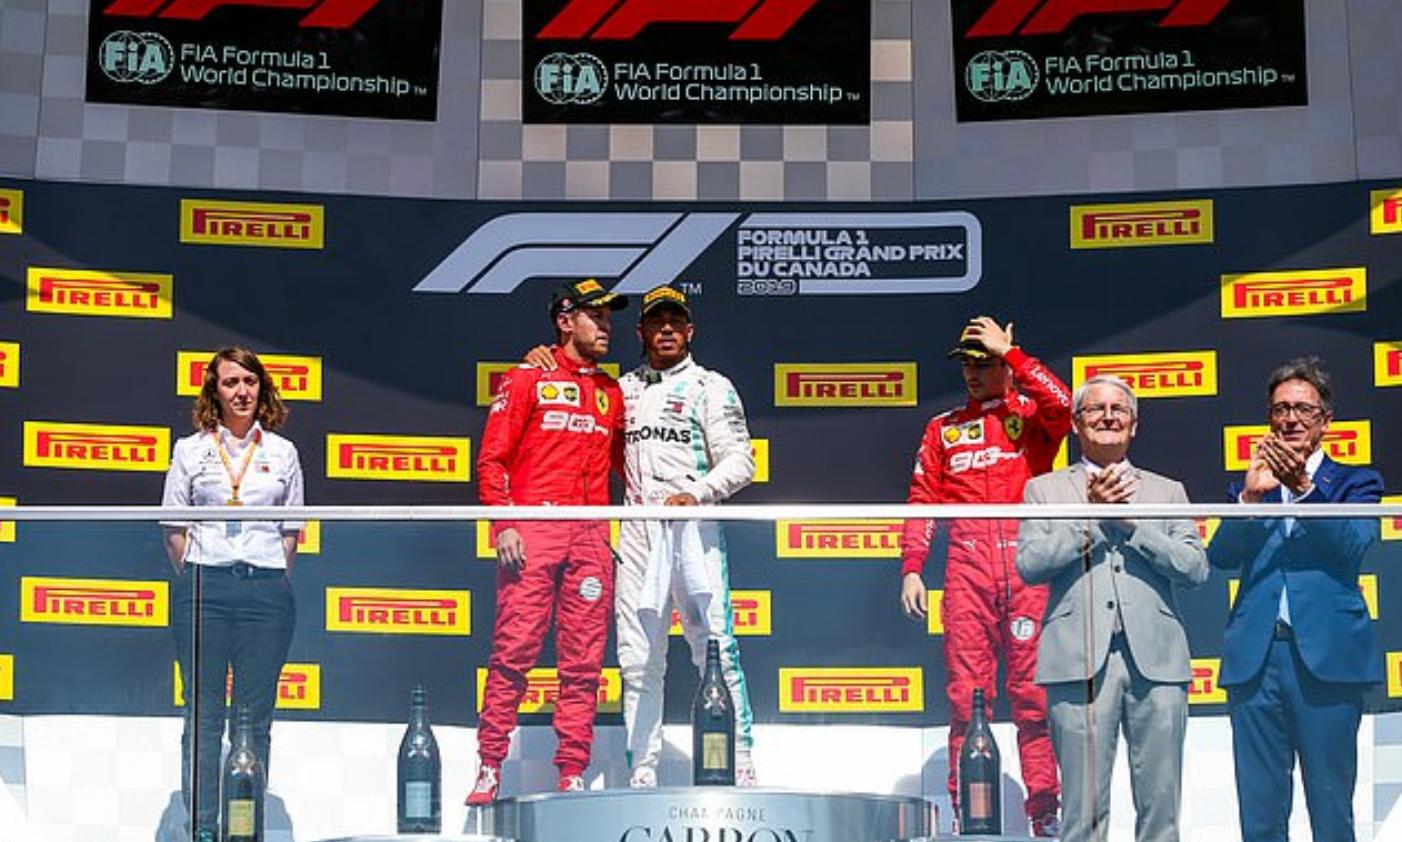 Drama cực mạnh trên đường đua F1: Cựu vô địch thế giới tự ý thay đổi vị trí xe về đích, đứng luôn lên bục podium cùng tay đua thắng cuộc - Ảnh 7.